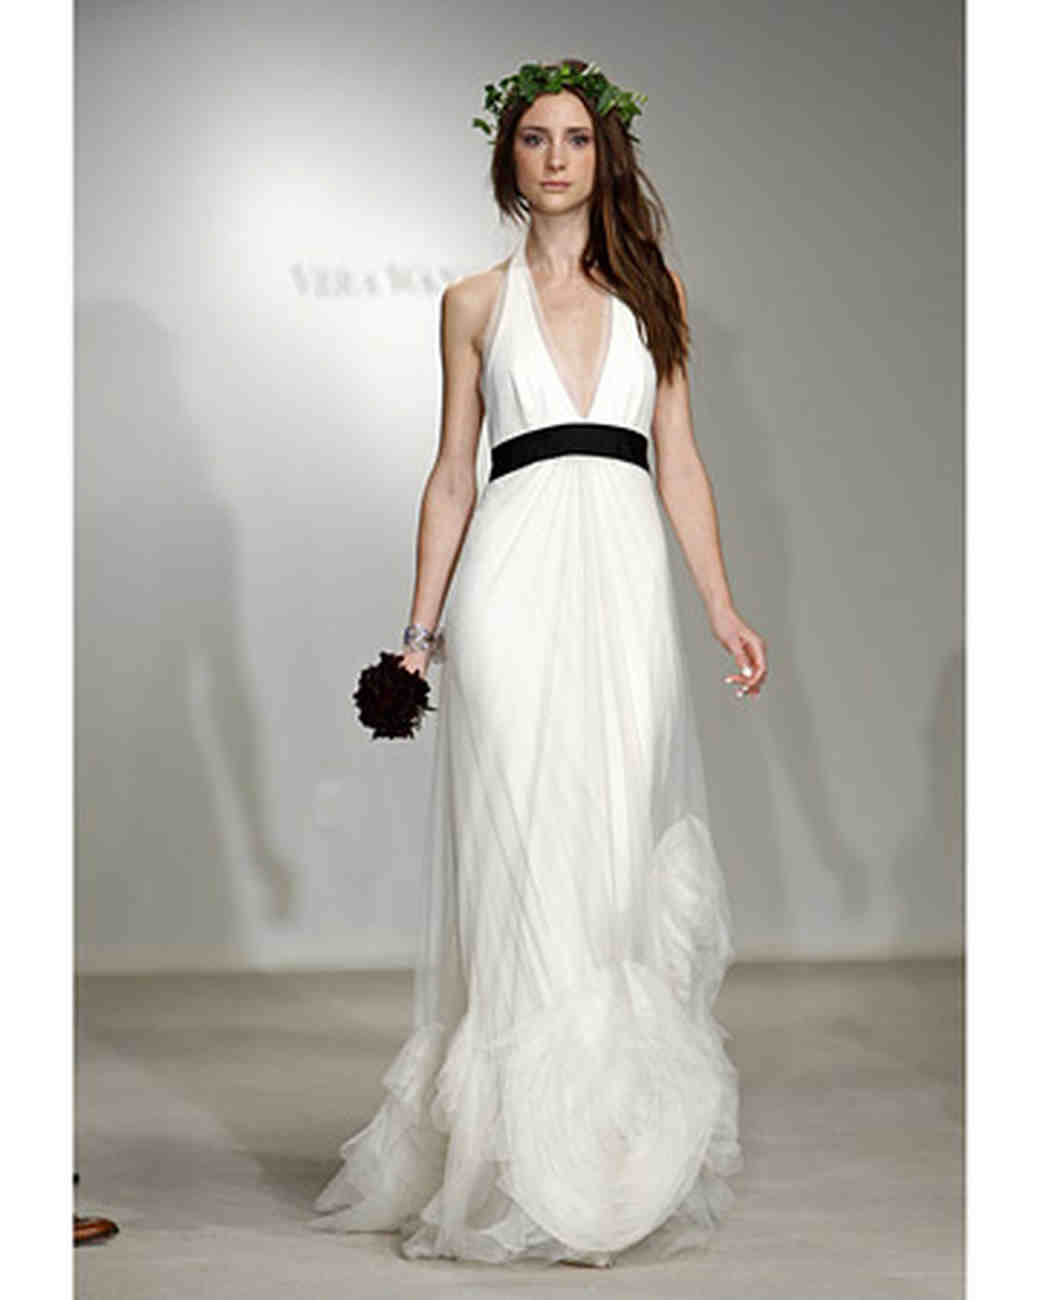 Brautkleider 2018 vera wang – Beliebte Hochzeitstraditionen 2018